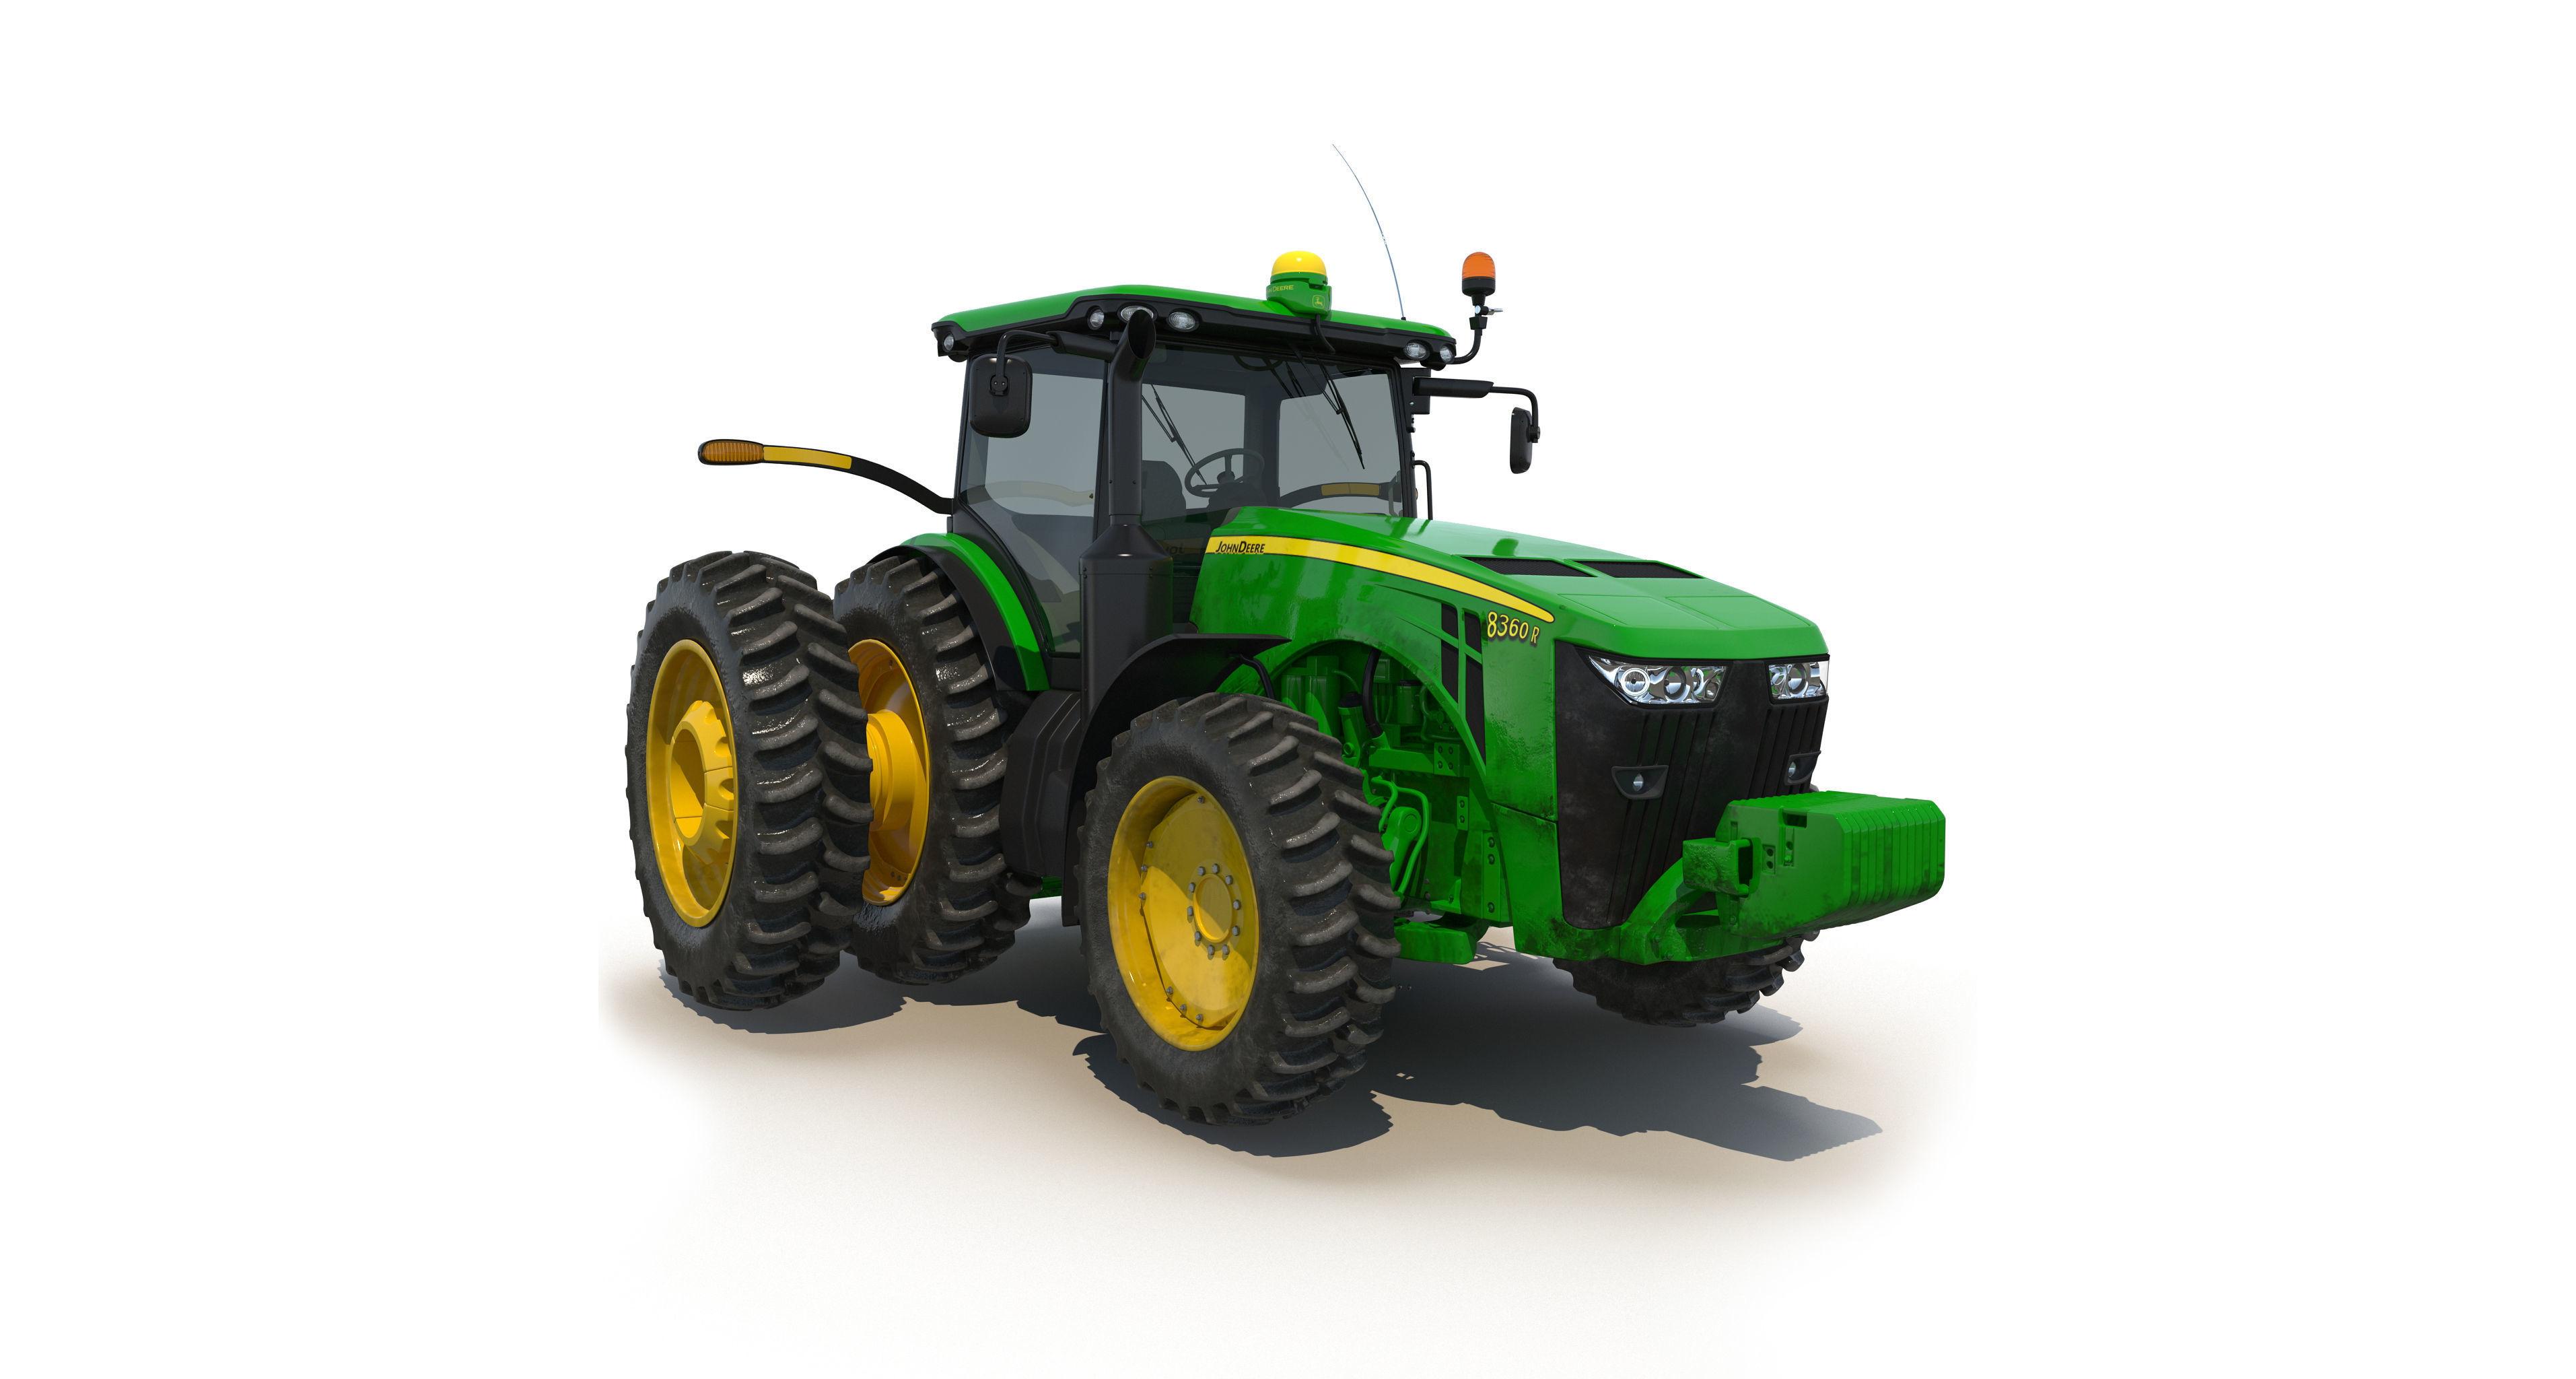 Tractor John Deere 8285R